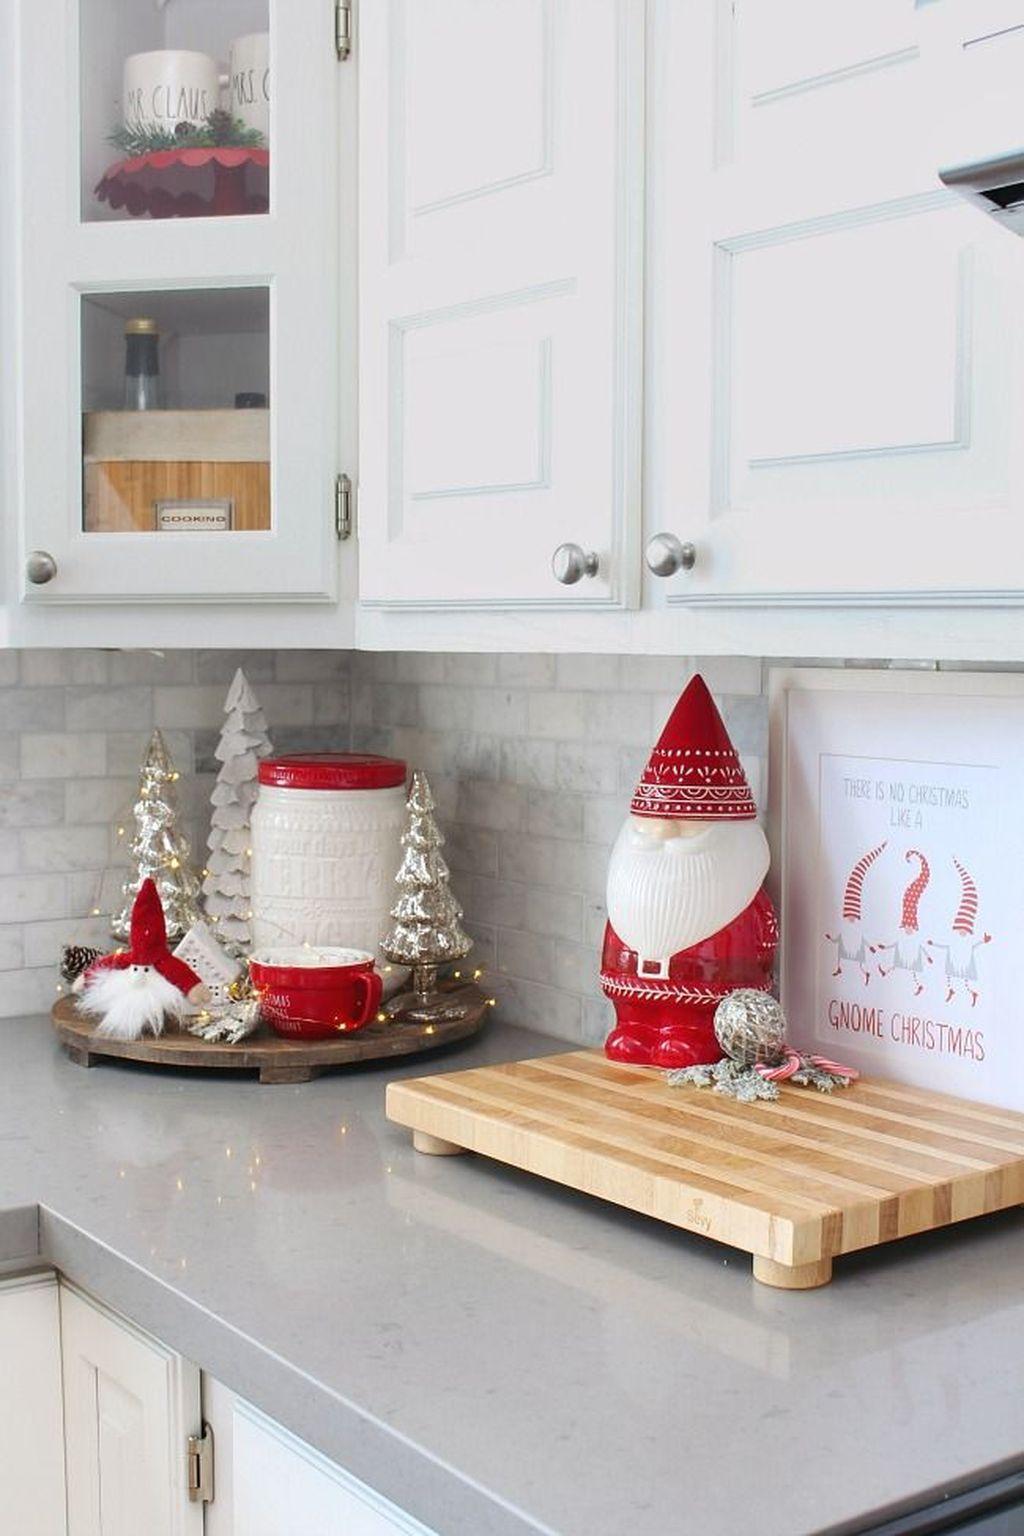 Awesome Christmas Theme Kitchen Decor Ideas 03